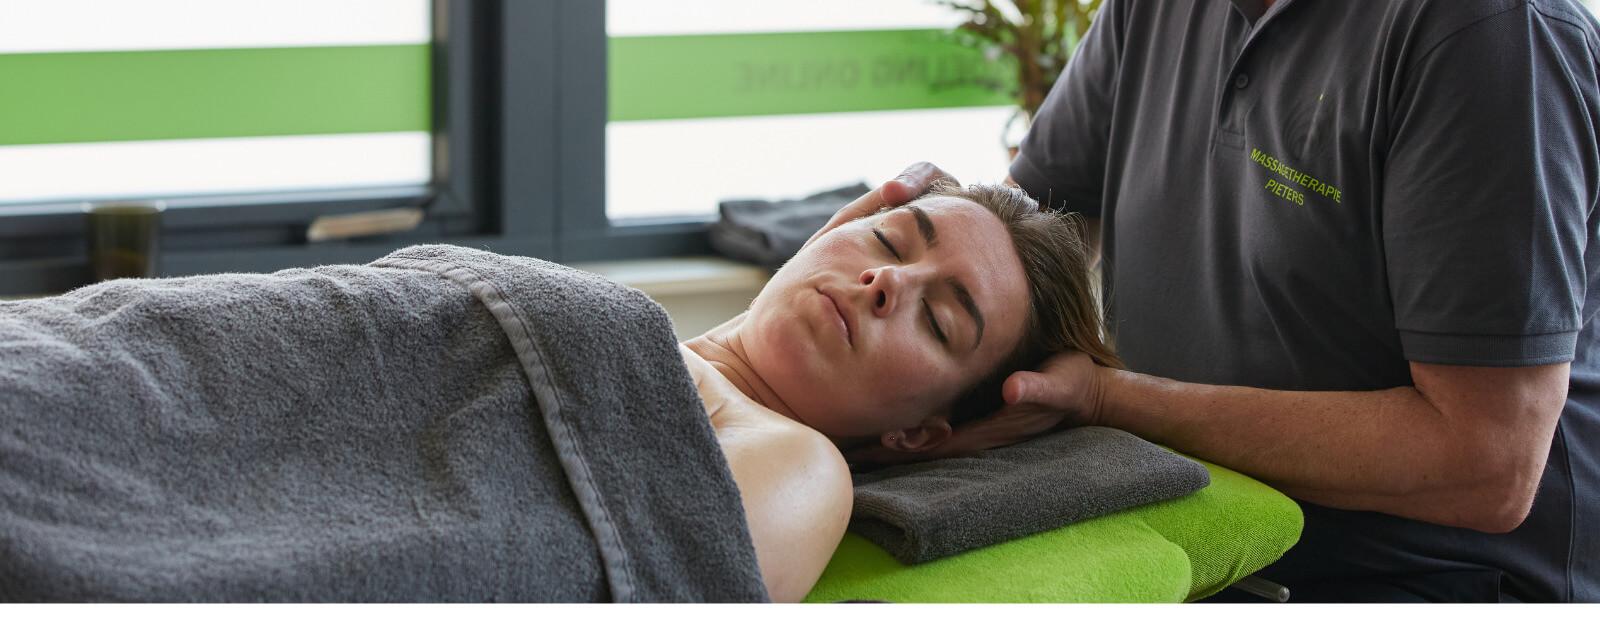 Even een moment geheel voor jezelf. Kies voor een full body ontspanningsmassage.